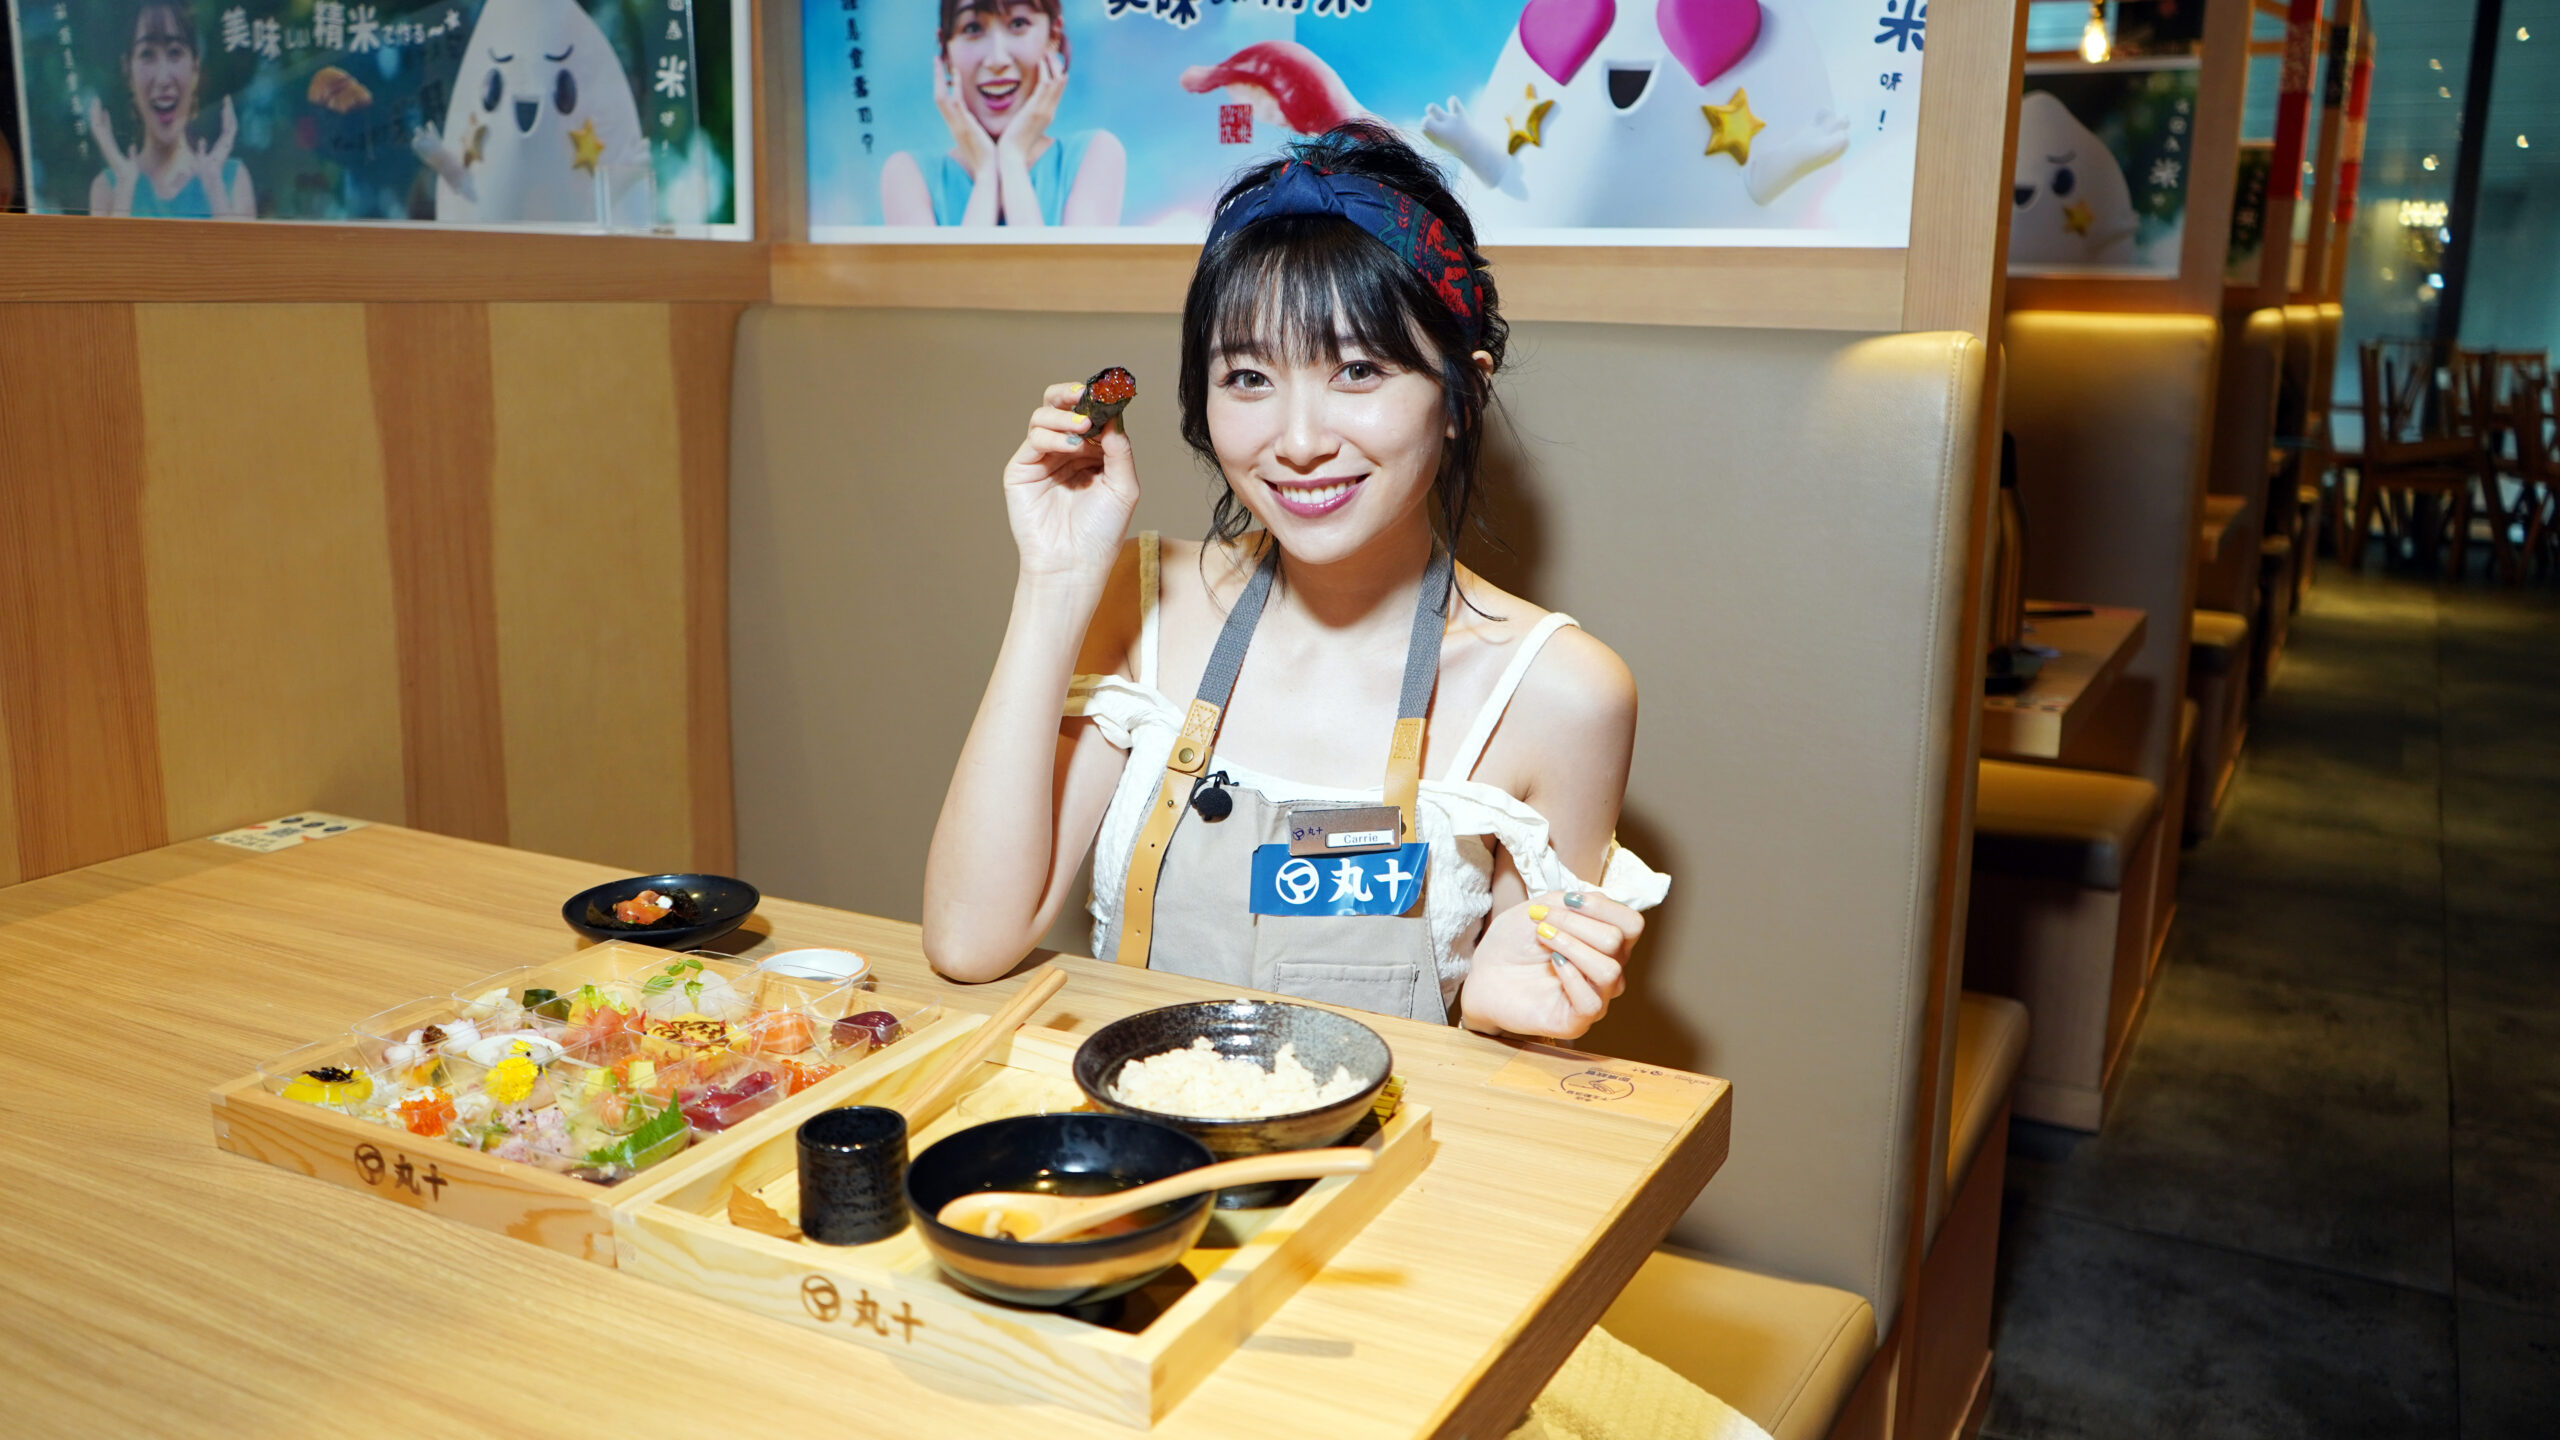 【葵芳】丸十手和壽司 感受16款食材之鮮